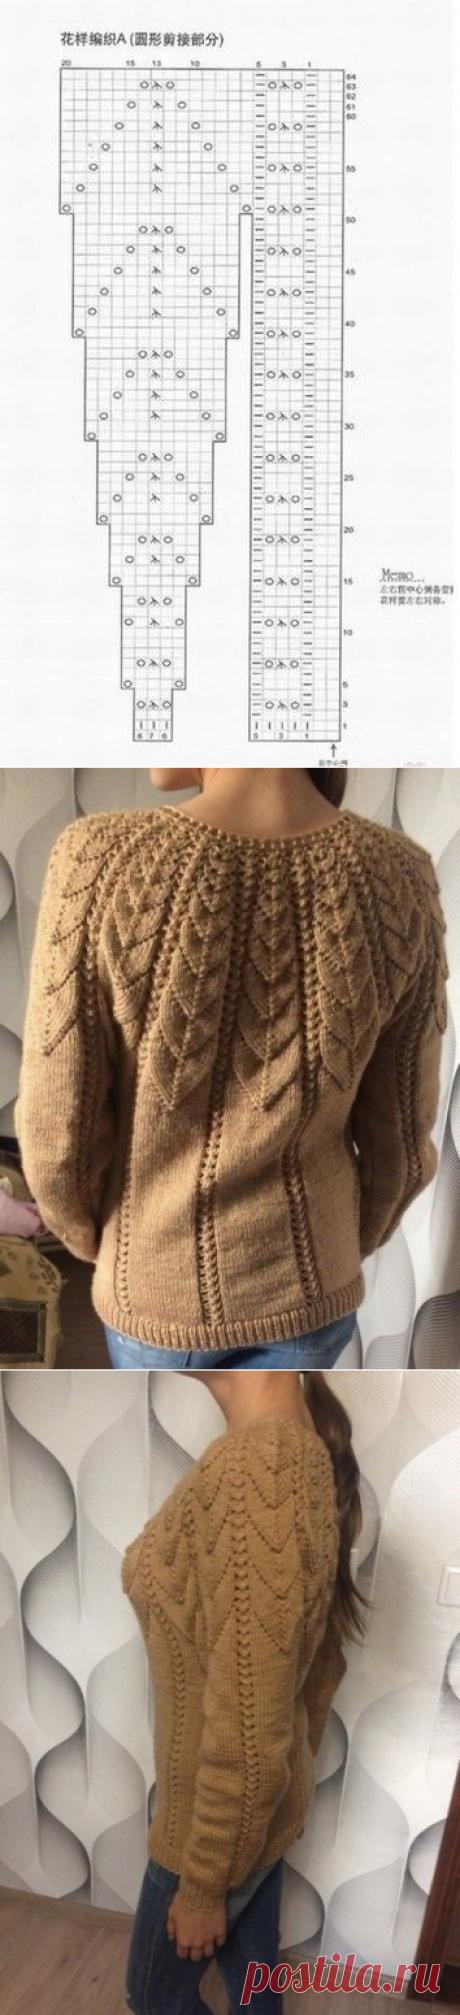 Красивый свитер для любителей вязать спицами